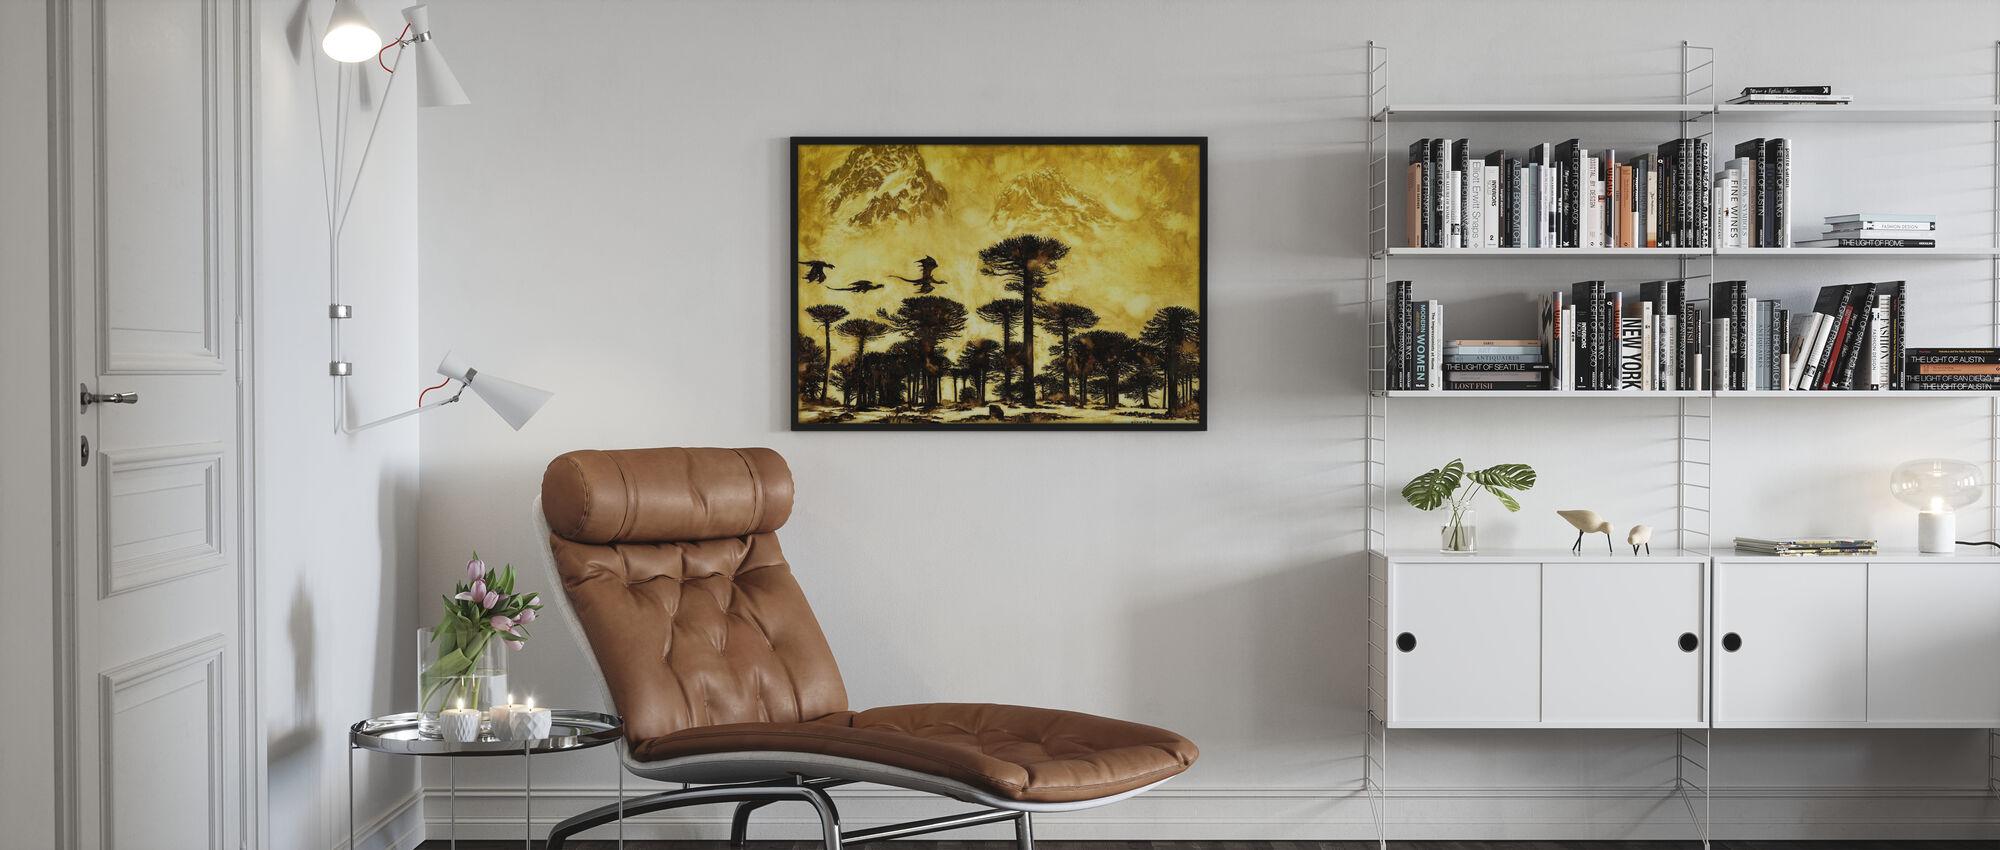 Persec - Gerahmtes bild - Wohnzimmer